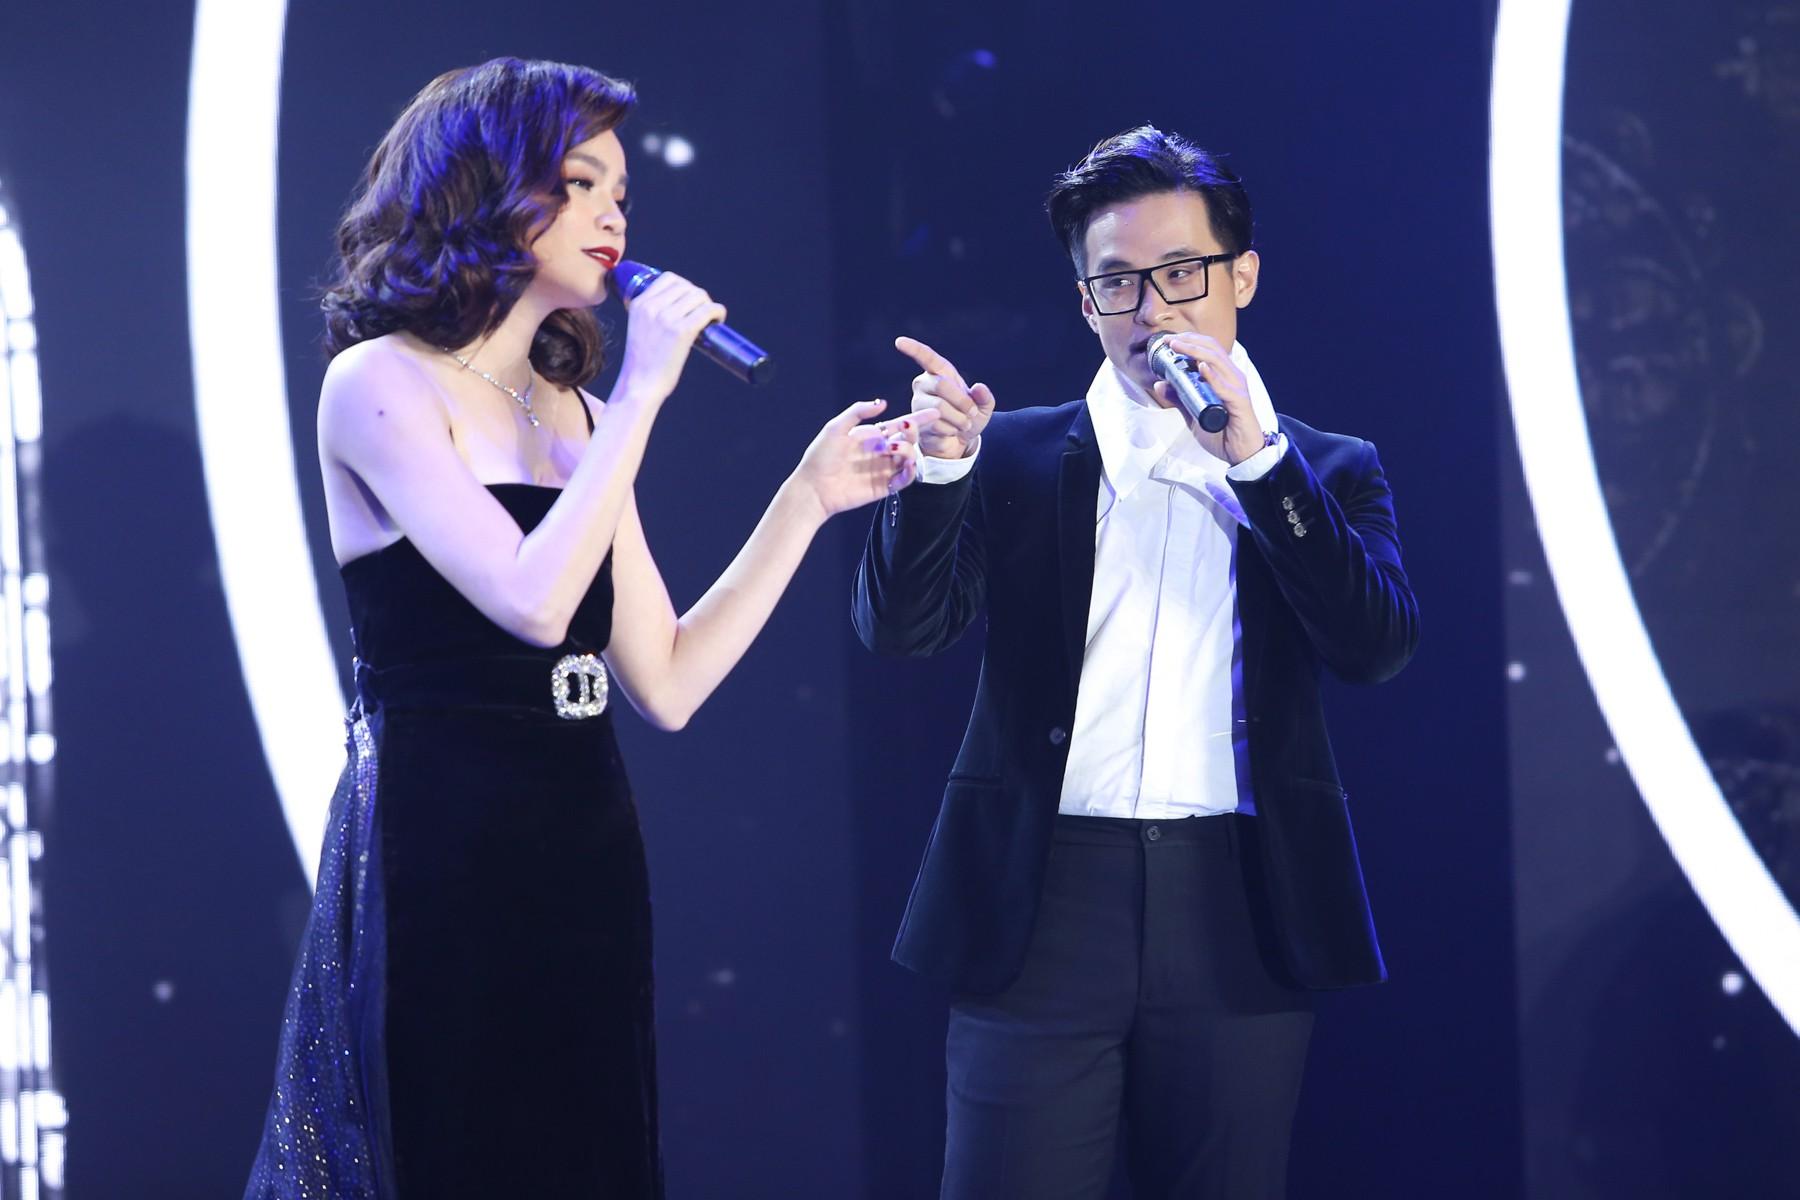 Hà Anh Tuấn tái hợp Hồ Ngọc Hà sau 4 năm, gây thổn thức khi đổi hit của nhau - Ảnh 7.